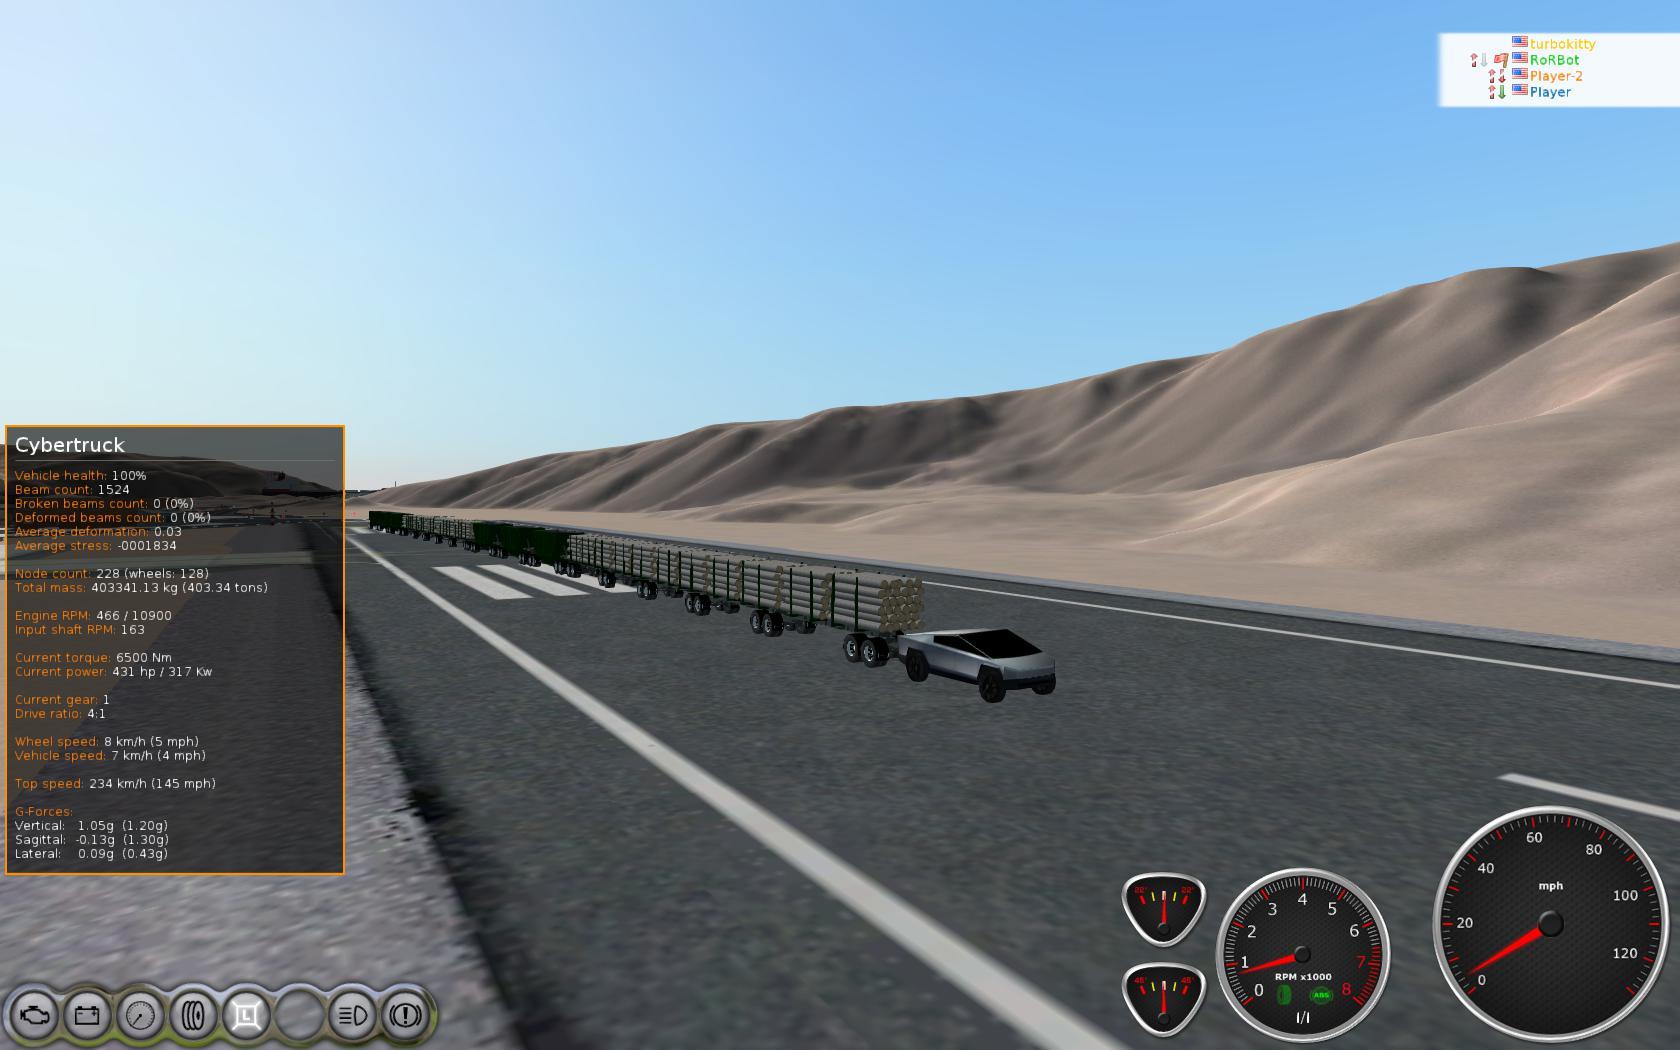 screenshot_2020-01-04_19-47-54_1.jpg